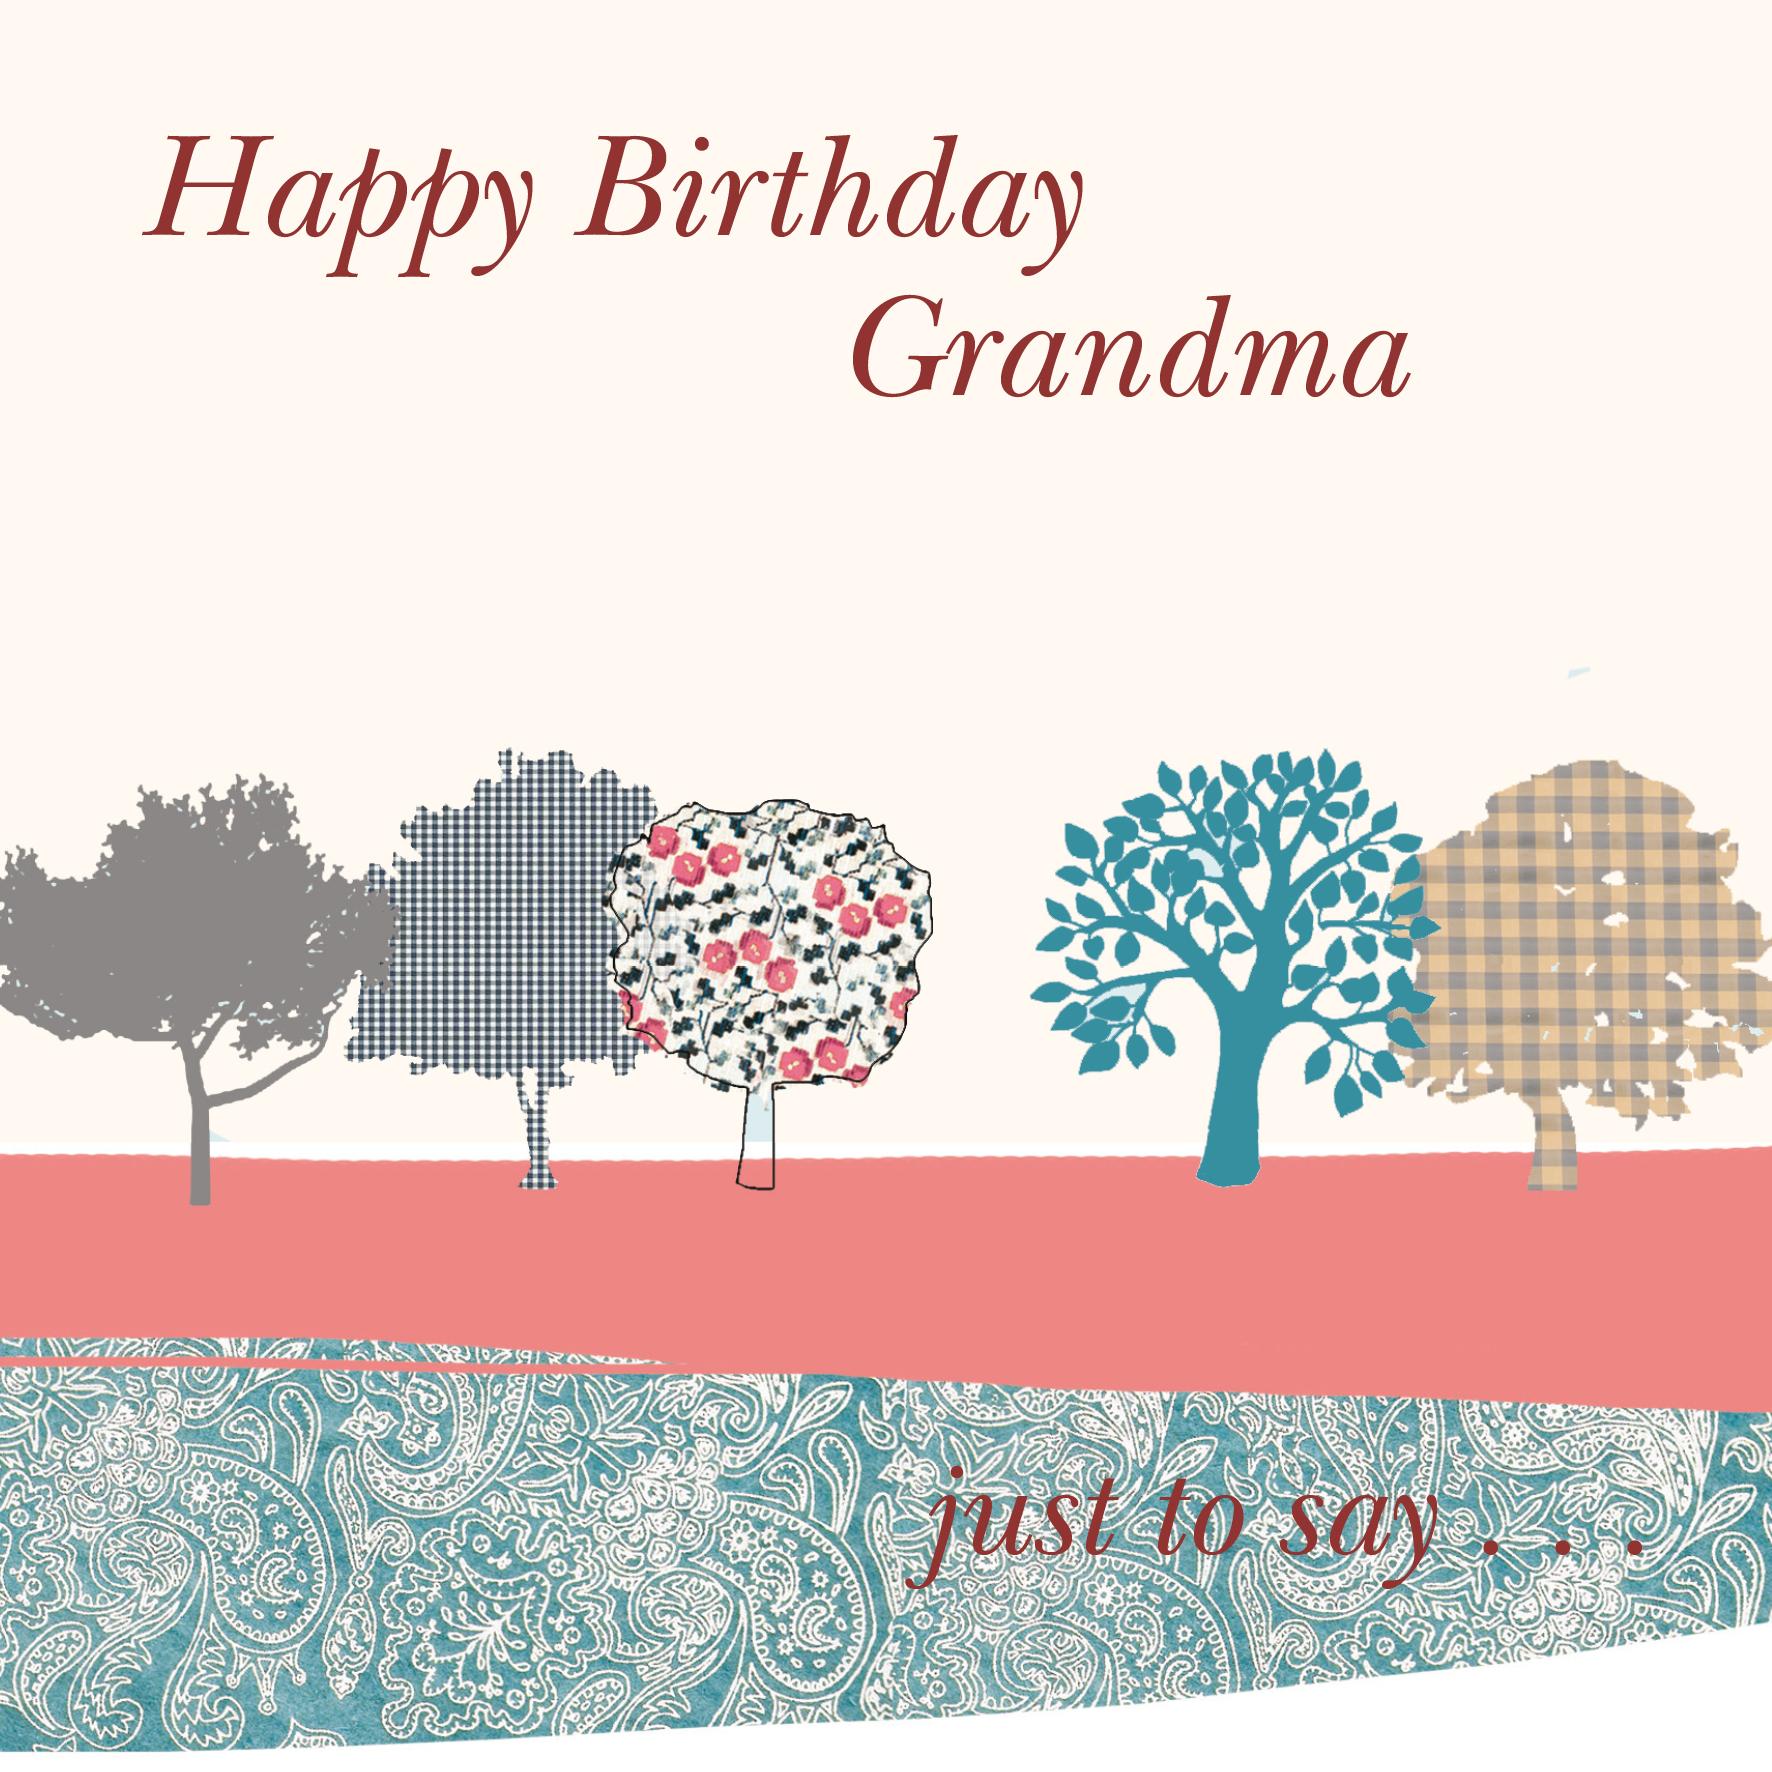 Happy Birthday Grandma Poems Quotes. QuotesGram